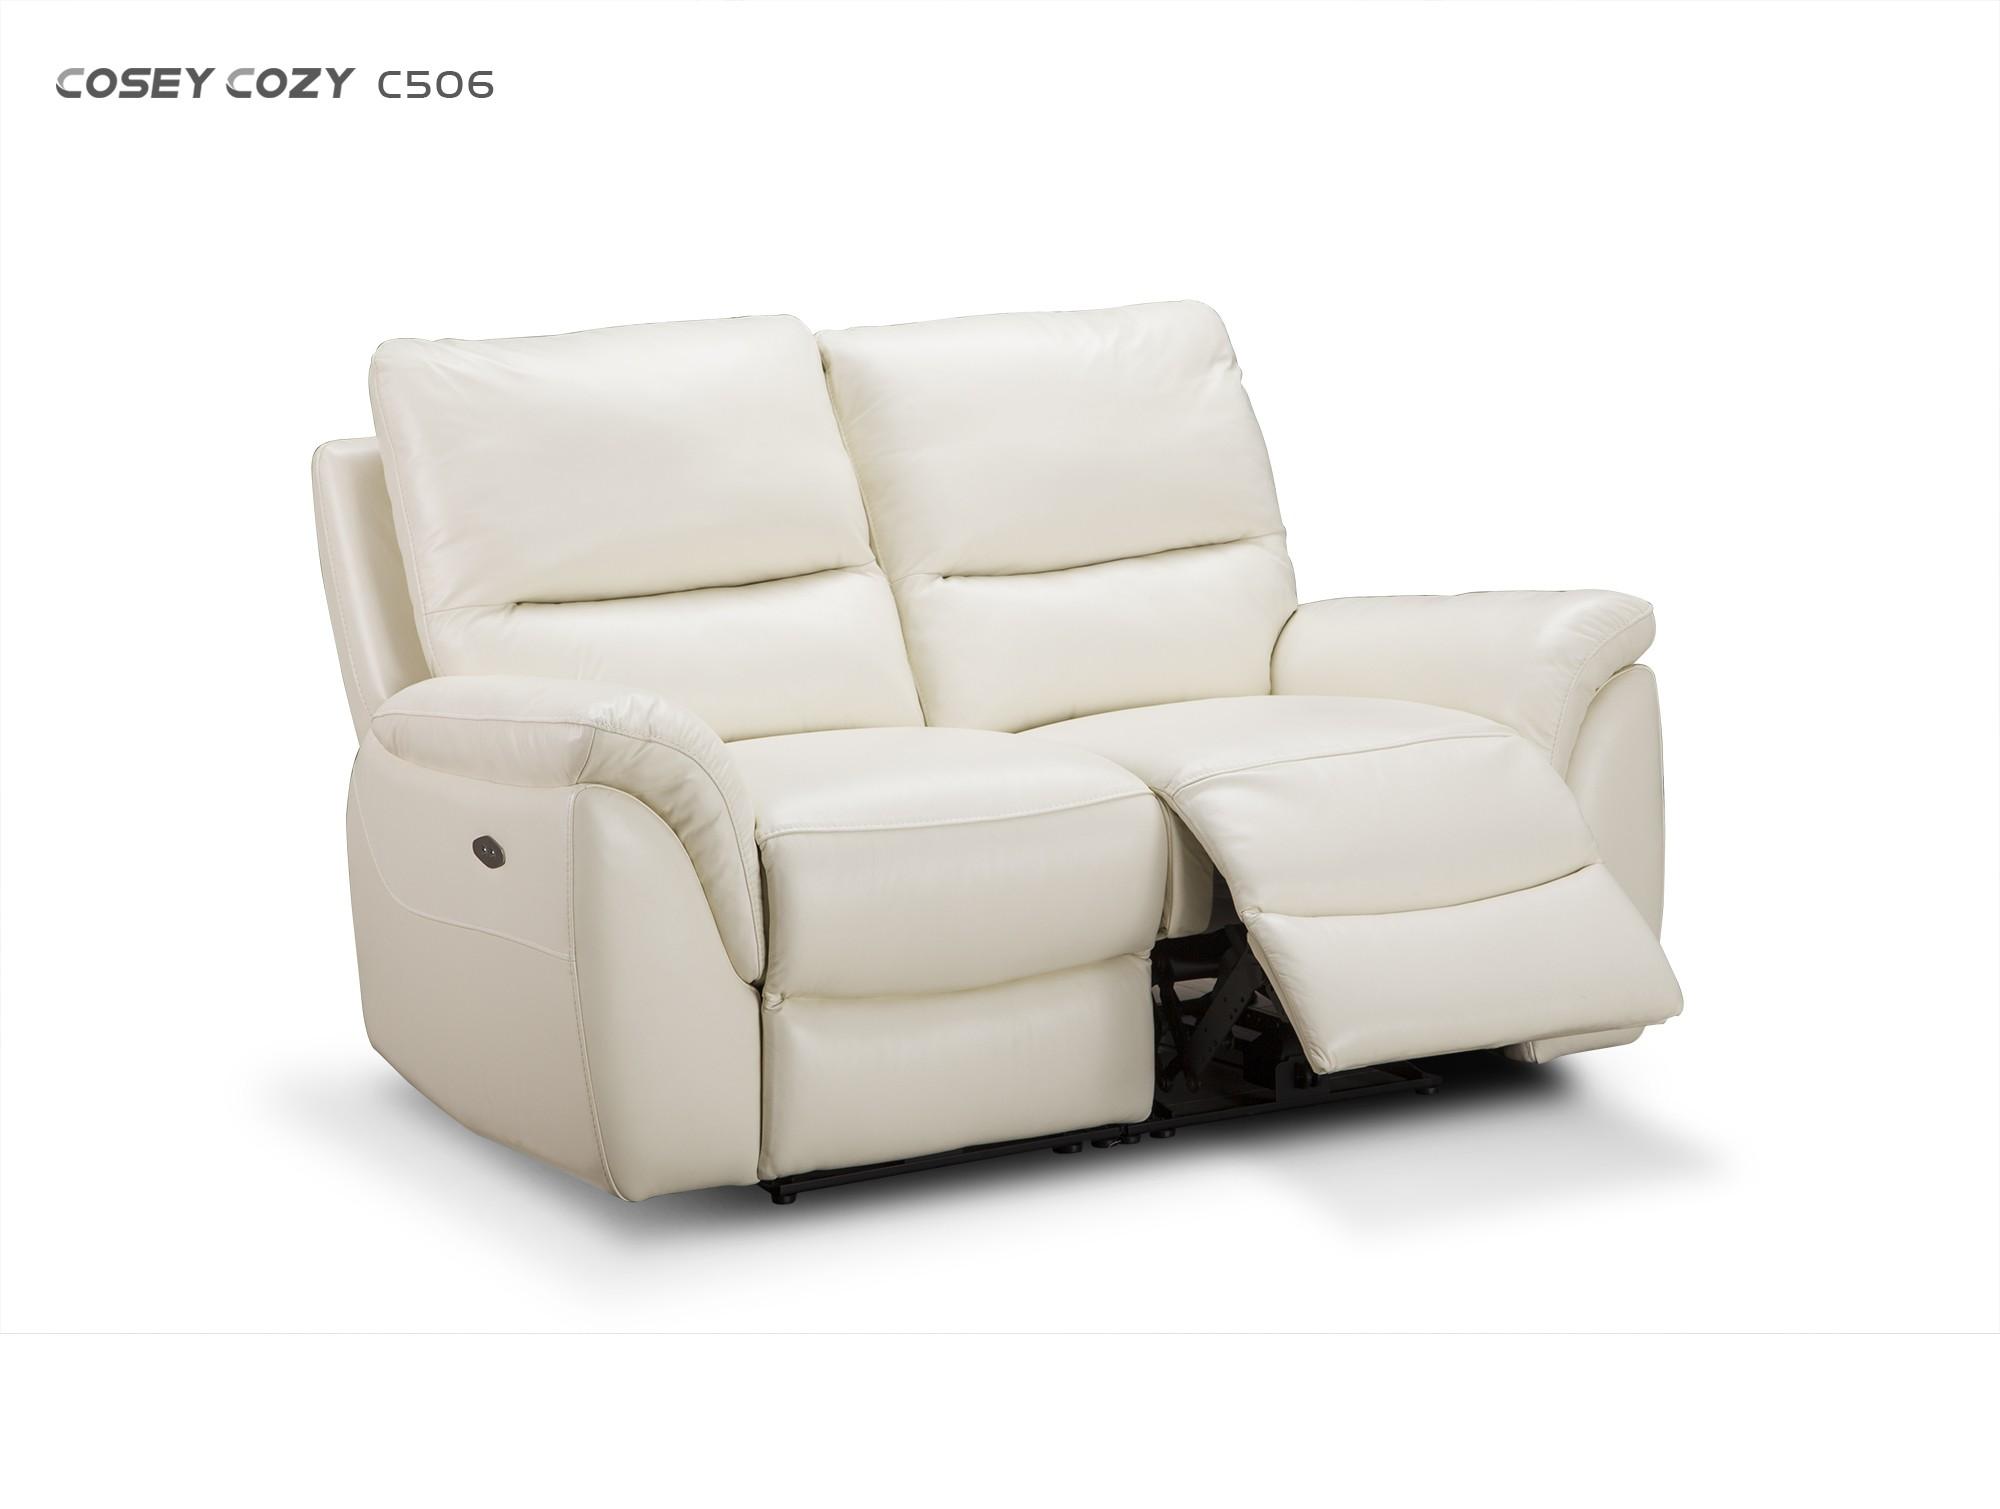 Camino 2 Seater Reclining Sofa